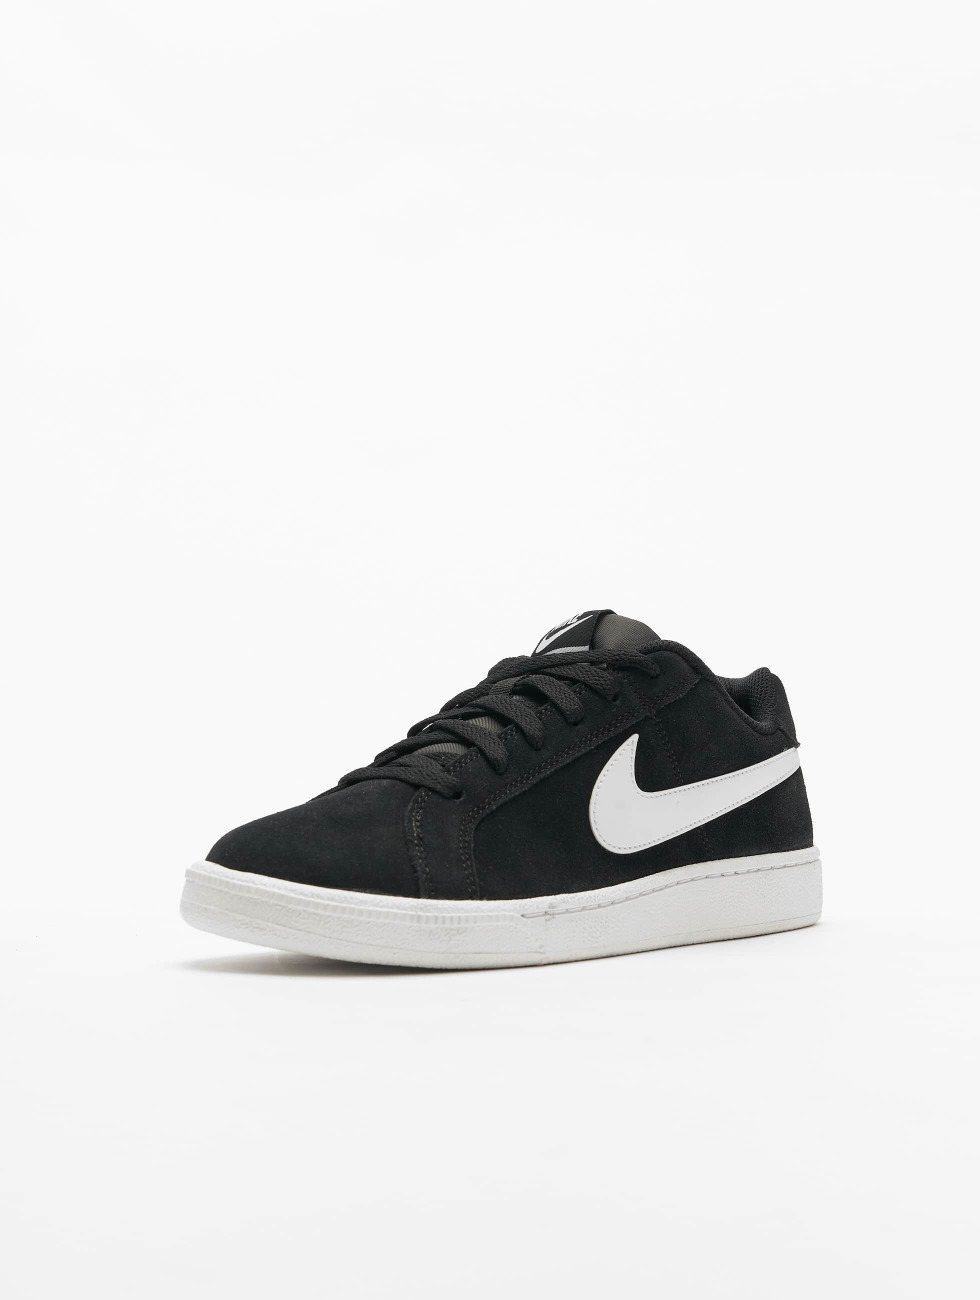 Nike schoen / sneaker Court Royale Suede in zwart 302098 Online Verkoop Kopen Goedkope Footaction Verkoop Goede Verkoop Gratis Verzending Pre Order Goedkope Koop Winkelaanbod ZUaLkKzWK